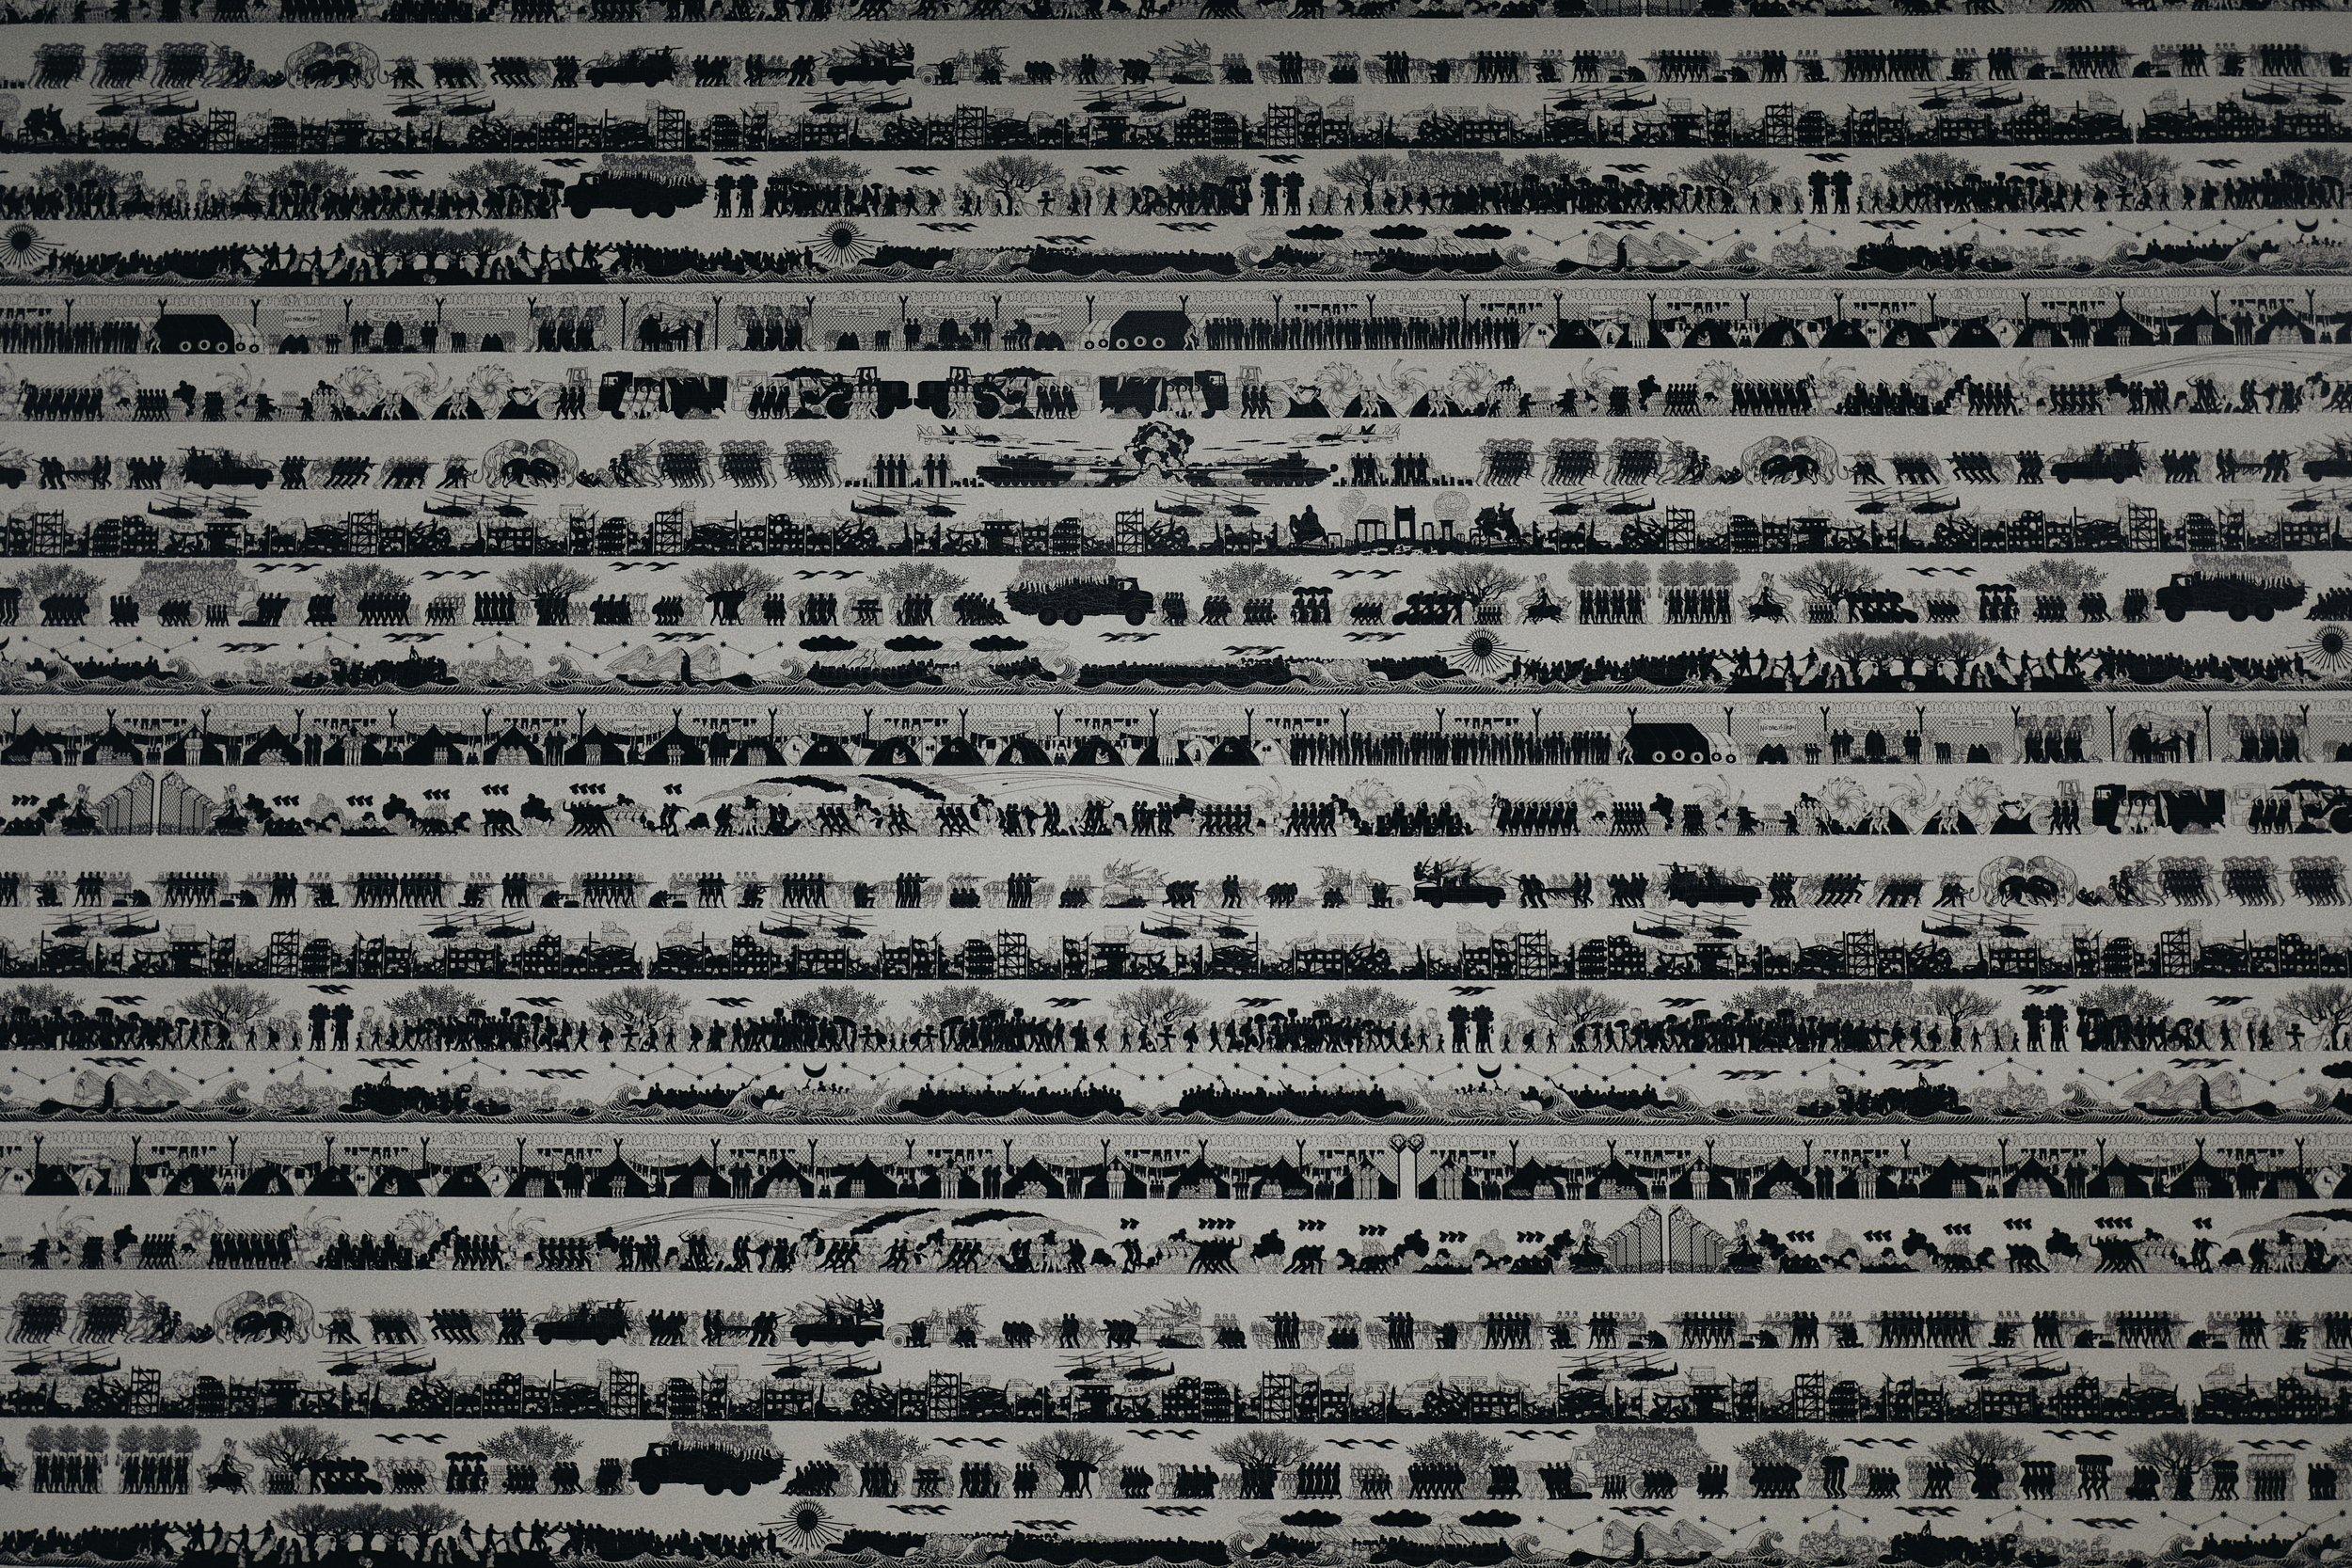 Ai Weiwei - Odyssey 2016. A wallpaper that represents conflict in several eras./Ai Weiwei - Odyssey 2016. Um papel de parede que representa o conflito em várias eras.